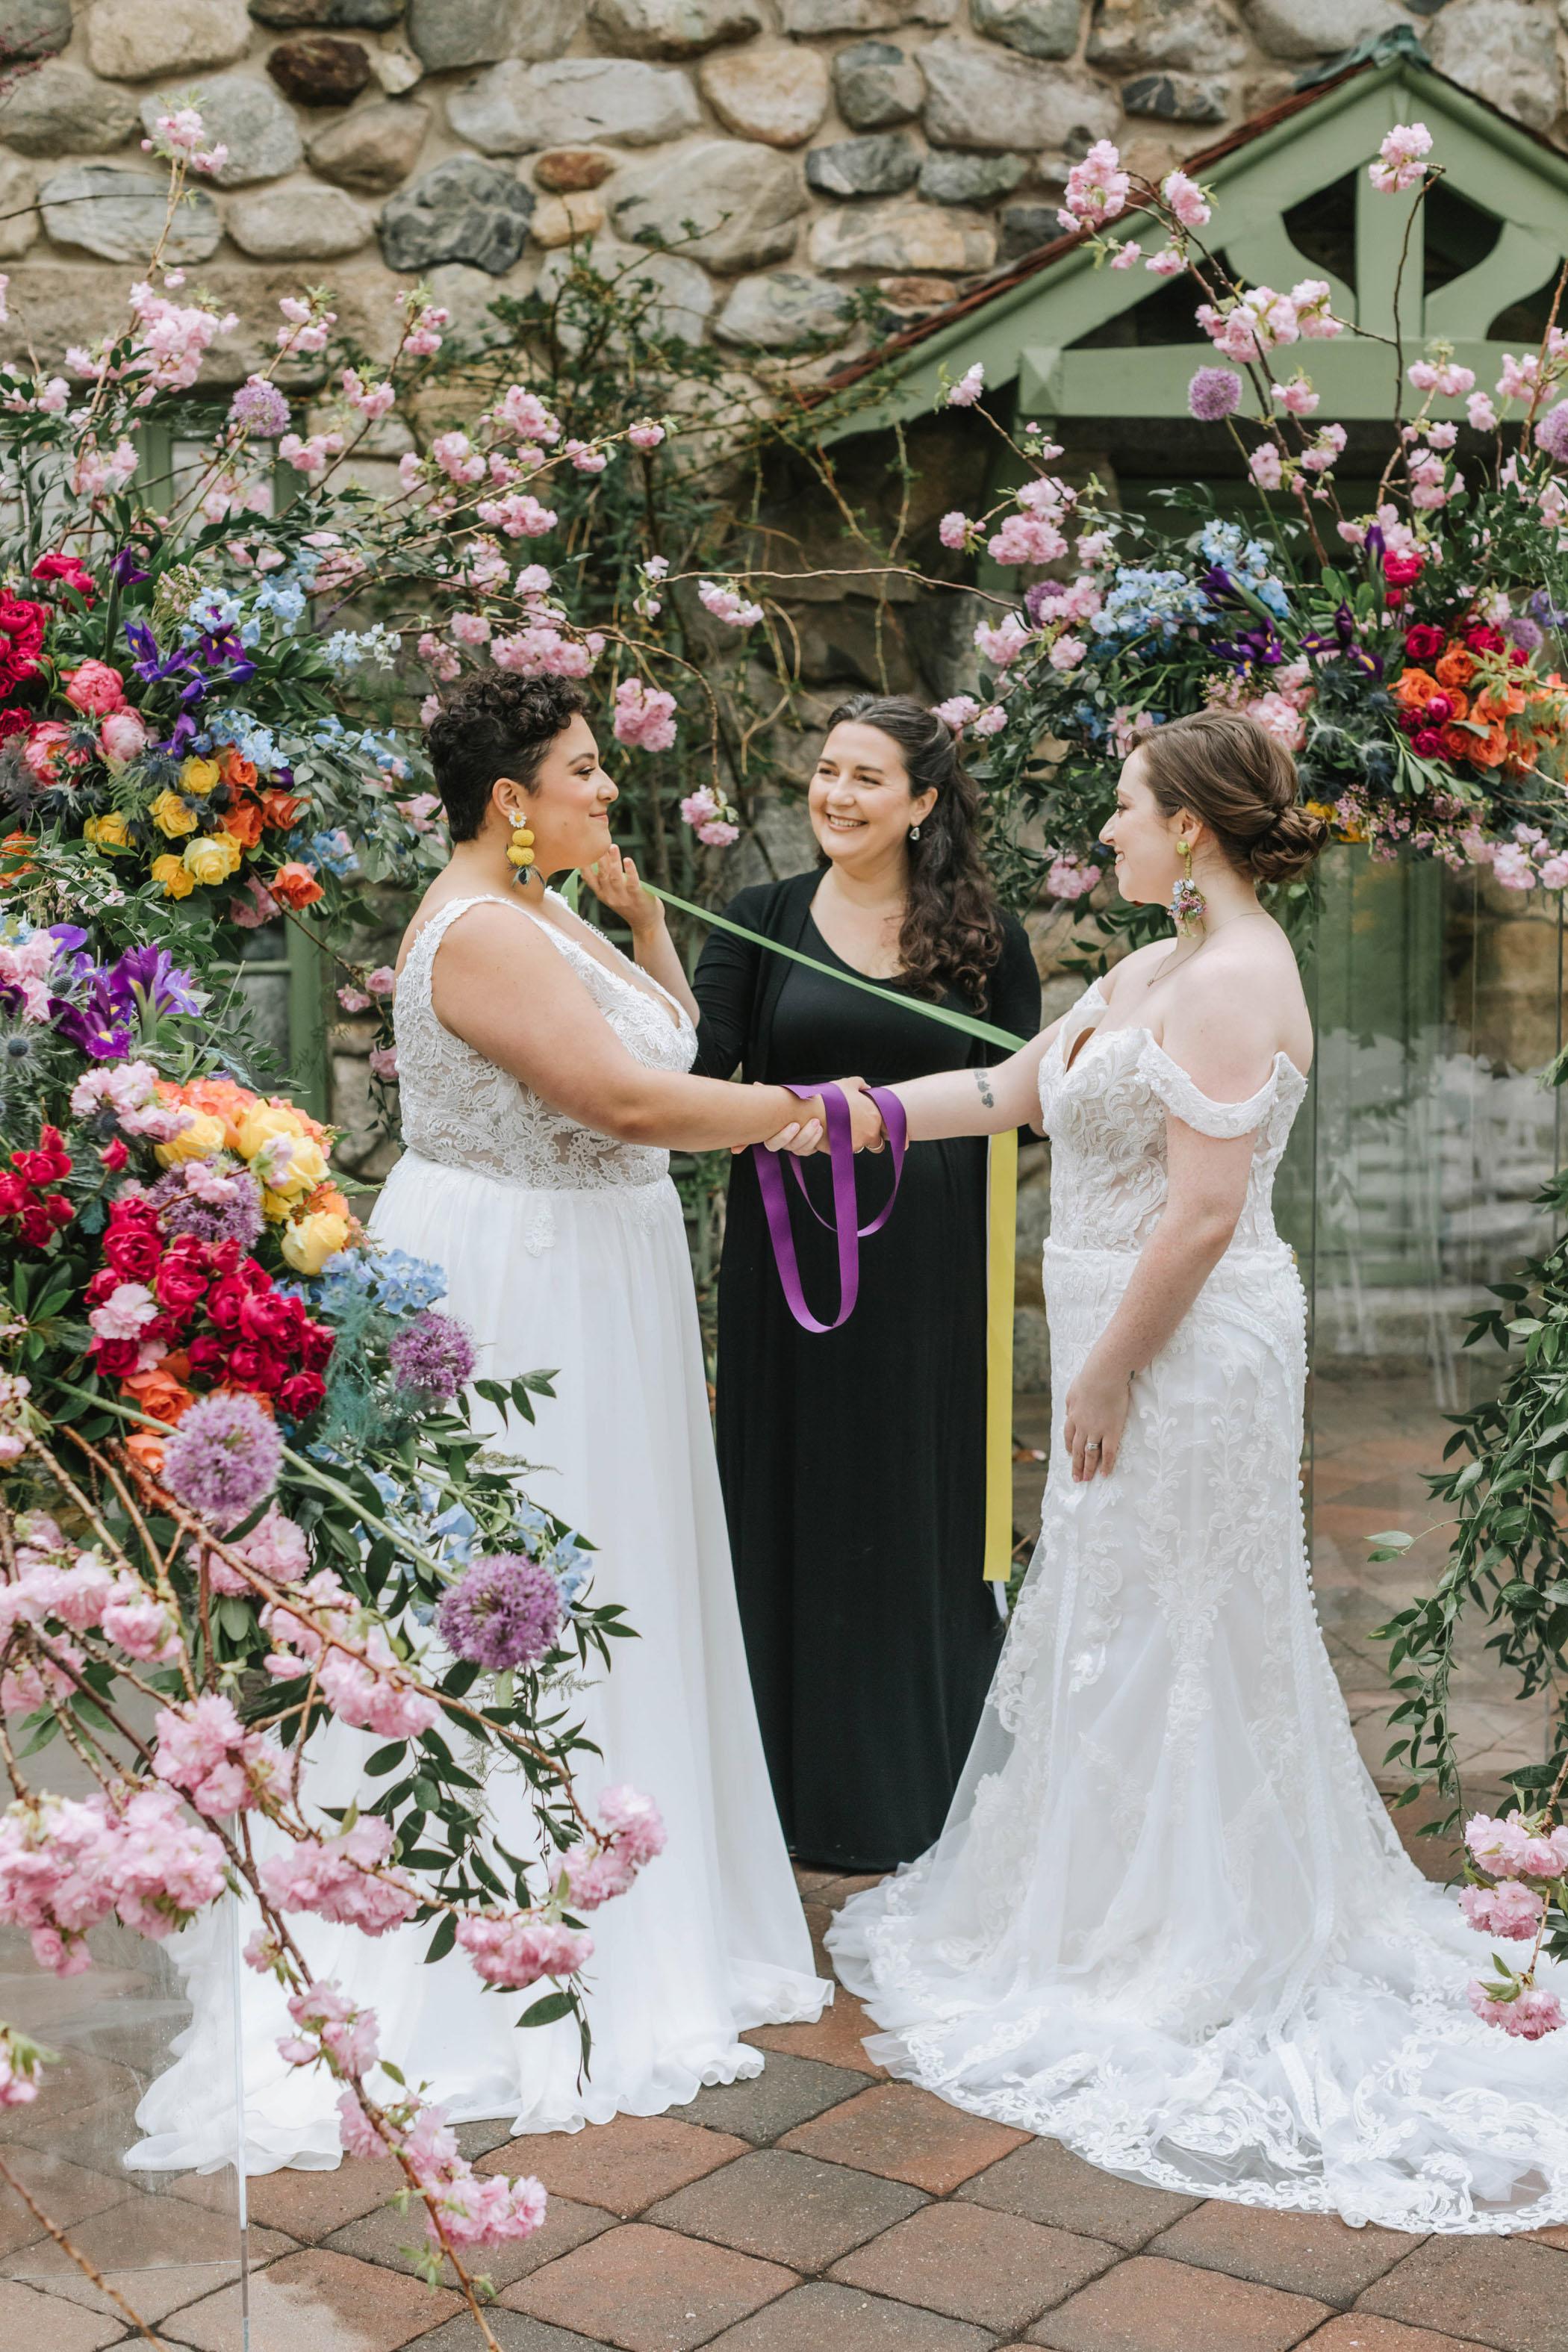 bright-wedding-color-ideas